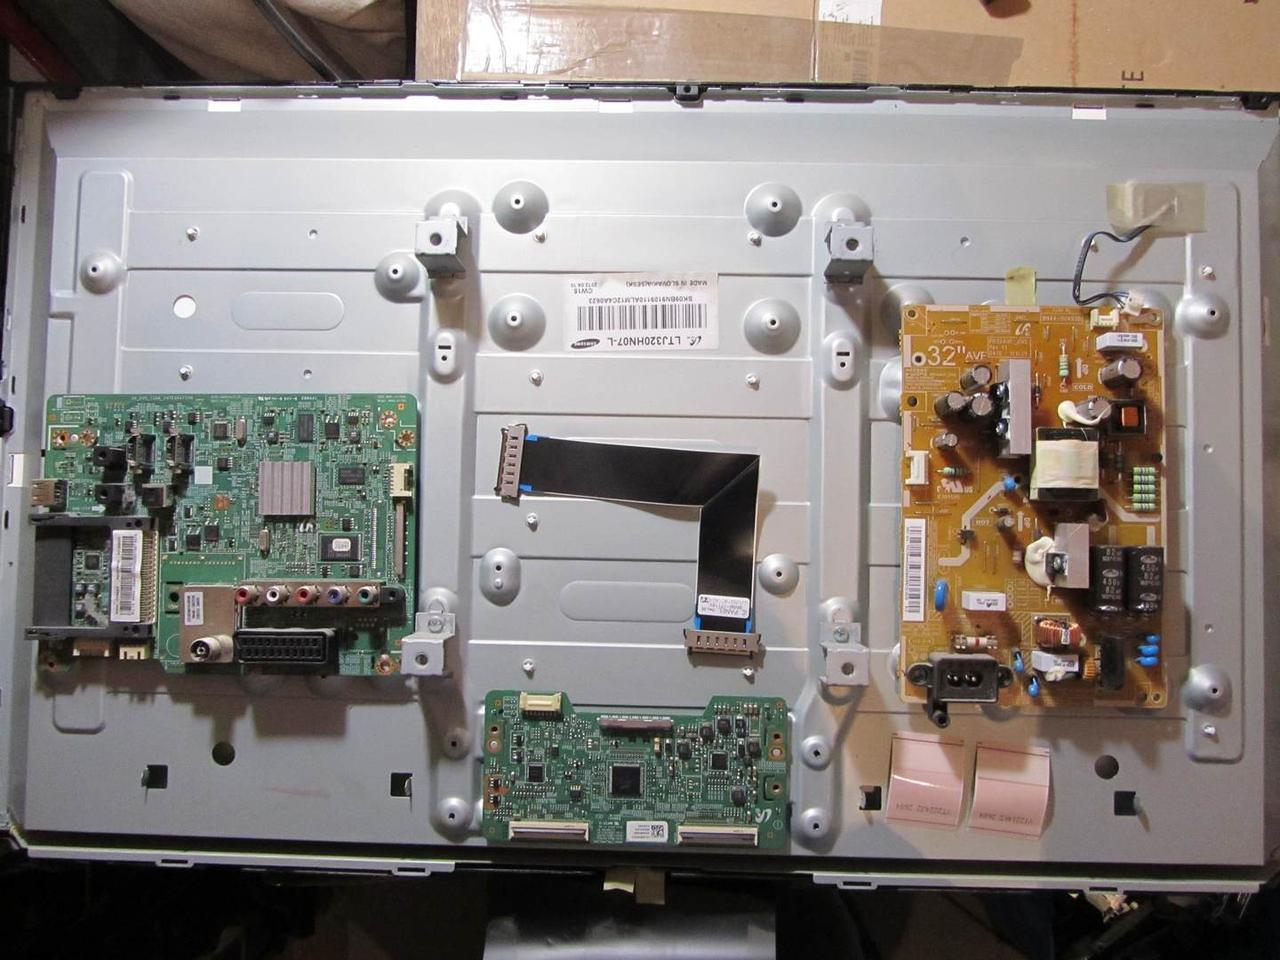 Запчасти к телевизору Samsung UE32EH5040 (BN41-01795A, BN44-00493B, BN41-01797A)